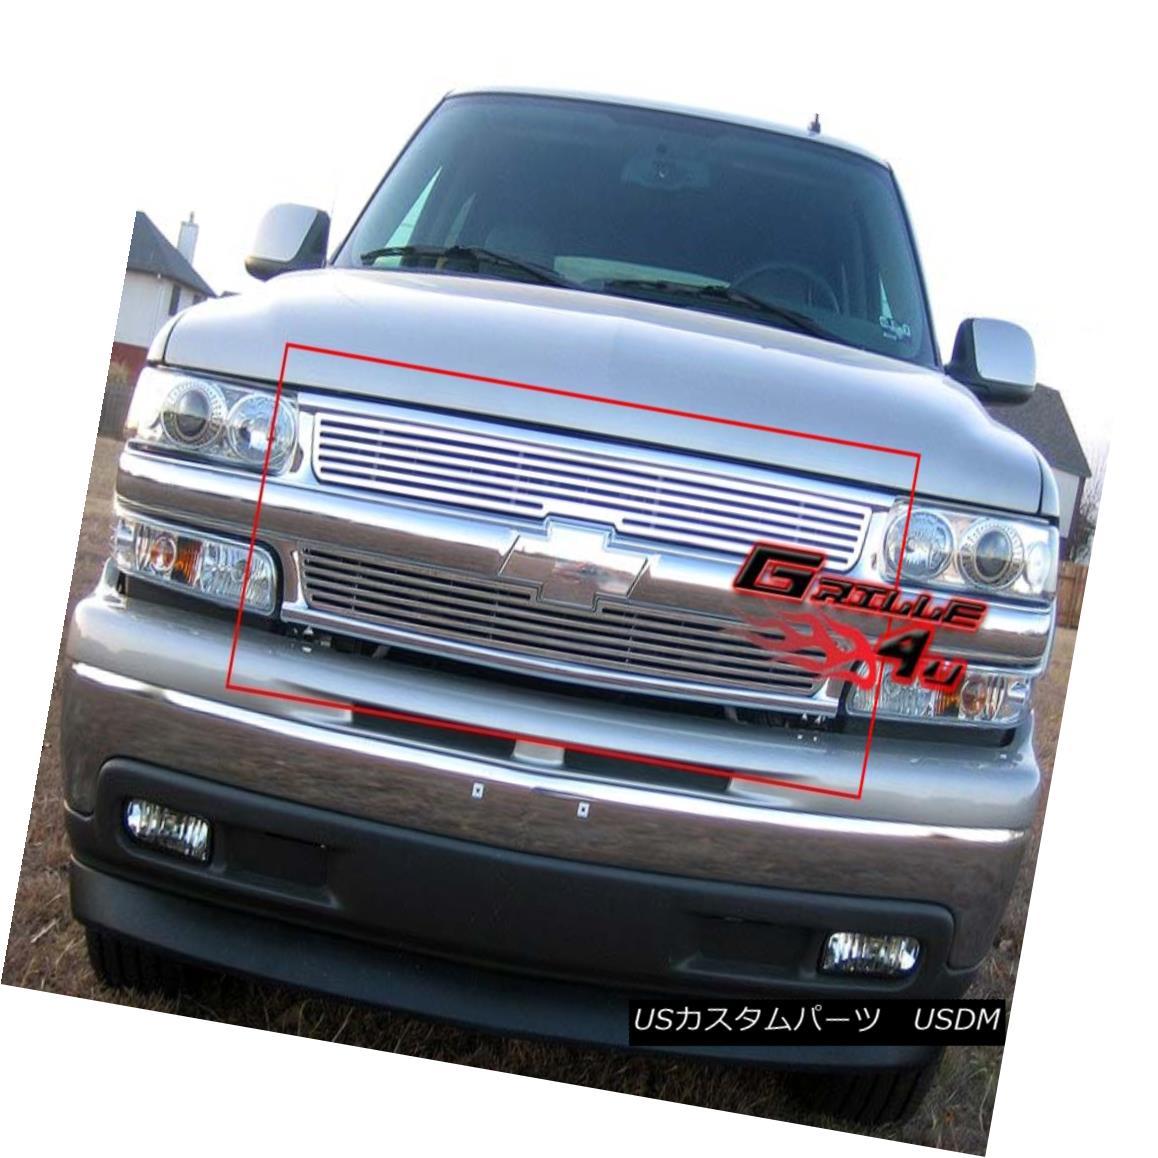 グリル Fits 1999-2002 Silverado 1500/00-06 Suburban Perimeter Grille 1999-2002 Silverado 1500 / 00-06郊外周辺グリルに適合